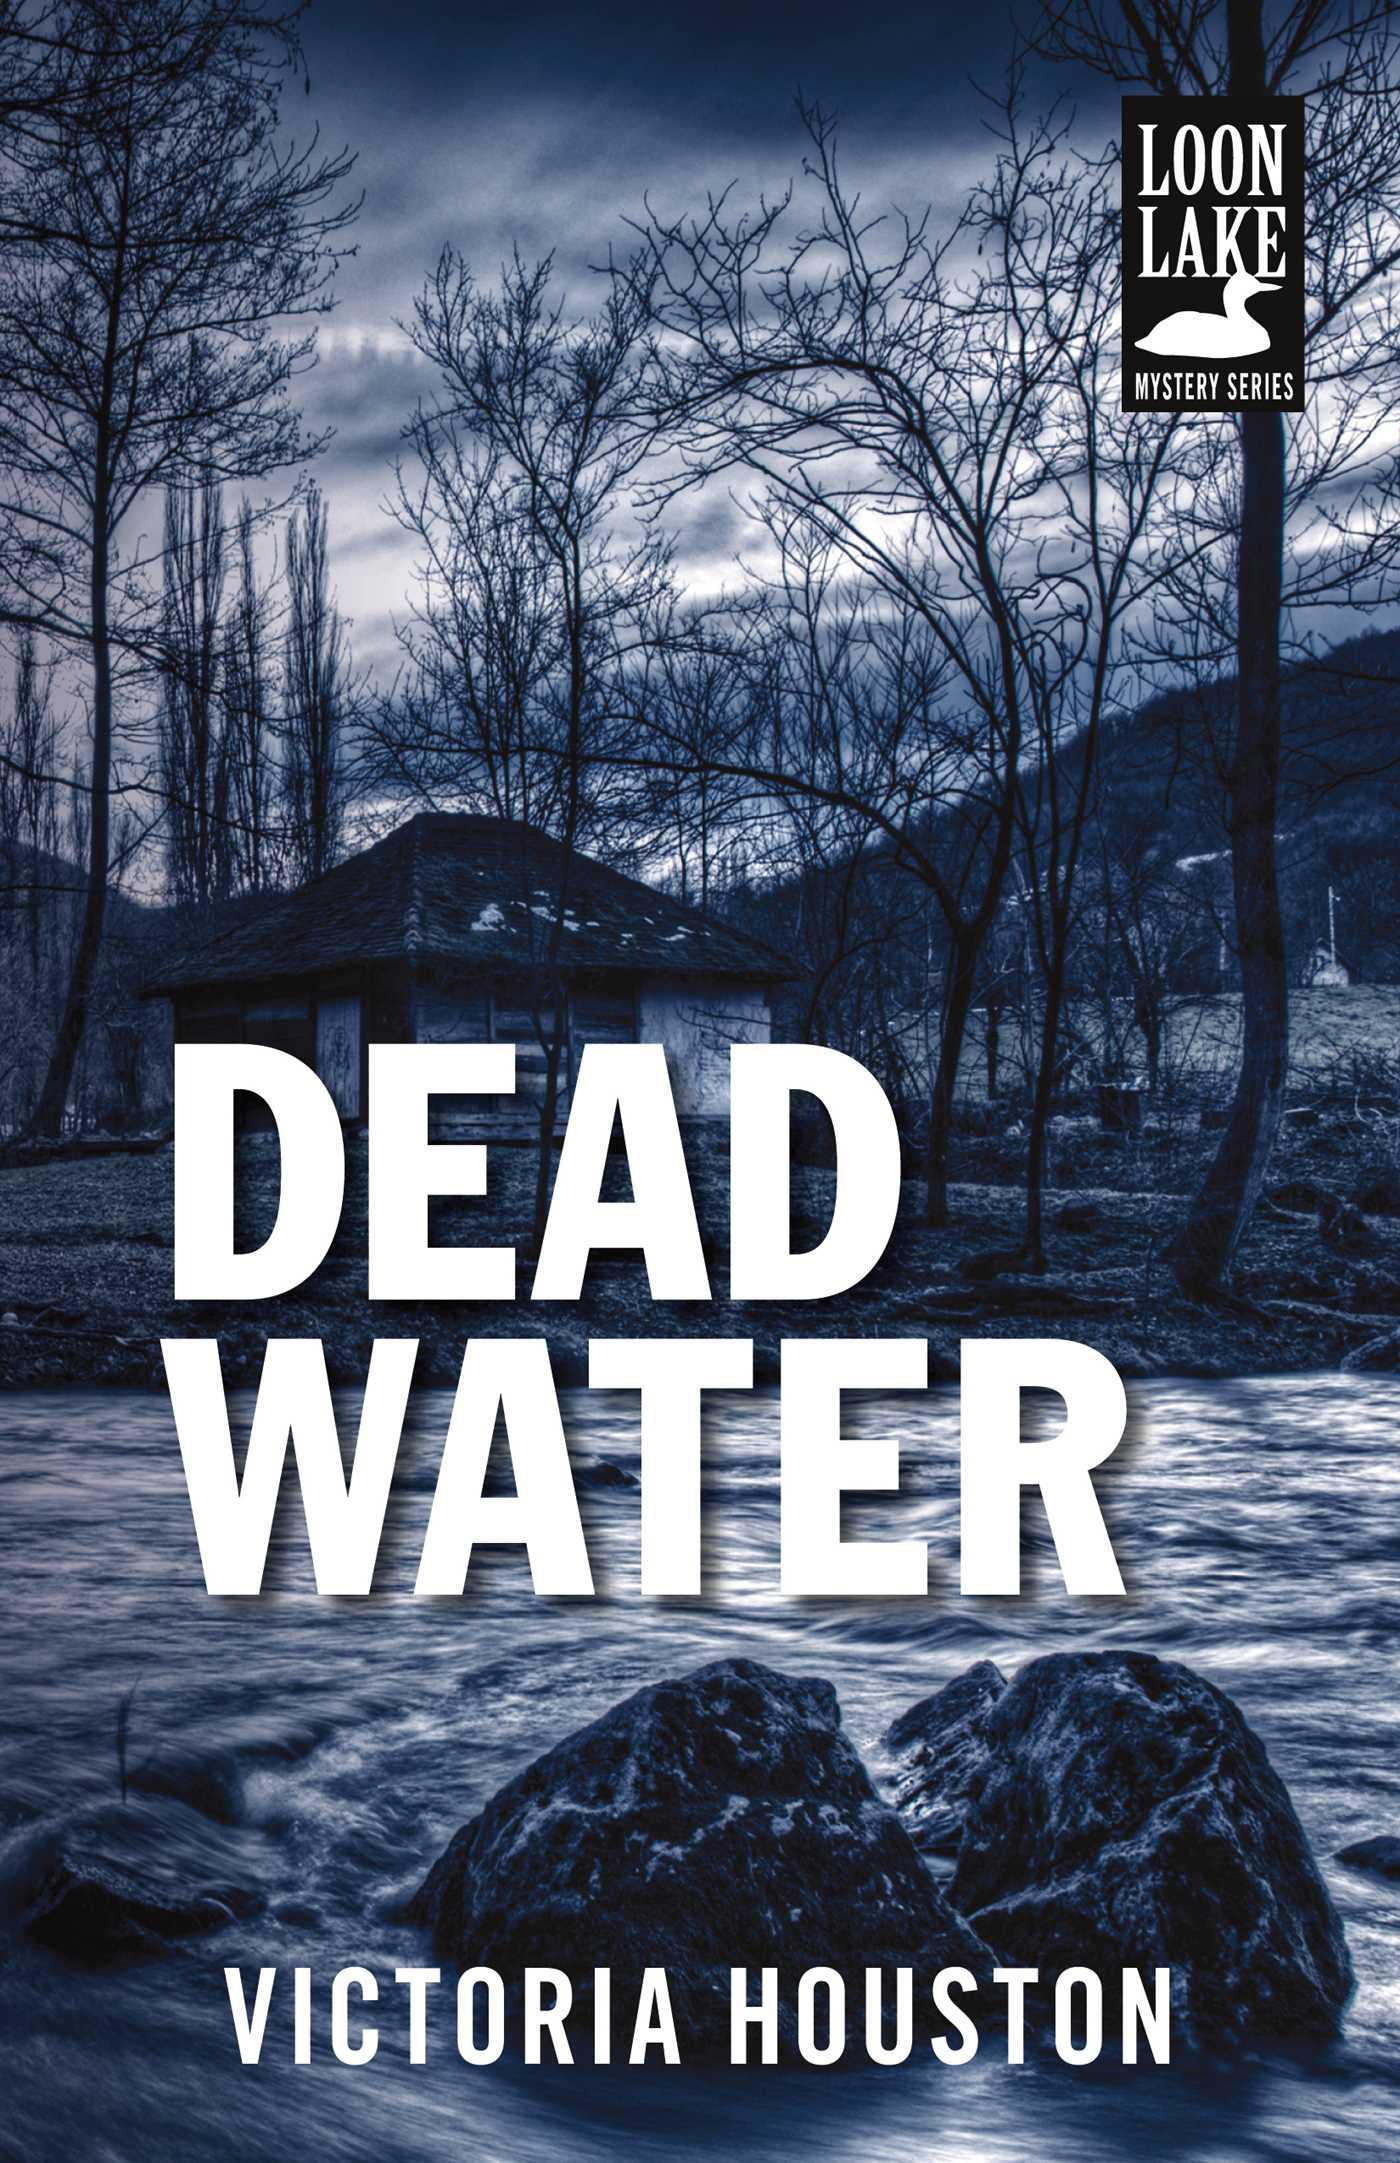 Dead water 9781440531477 hr